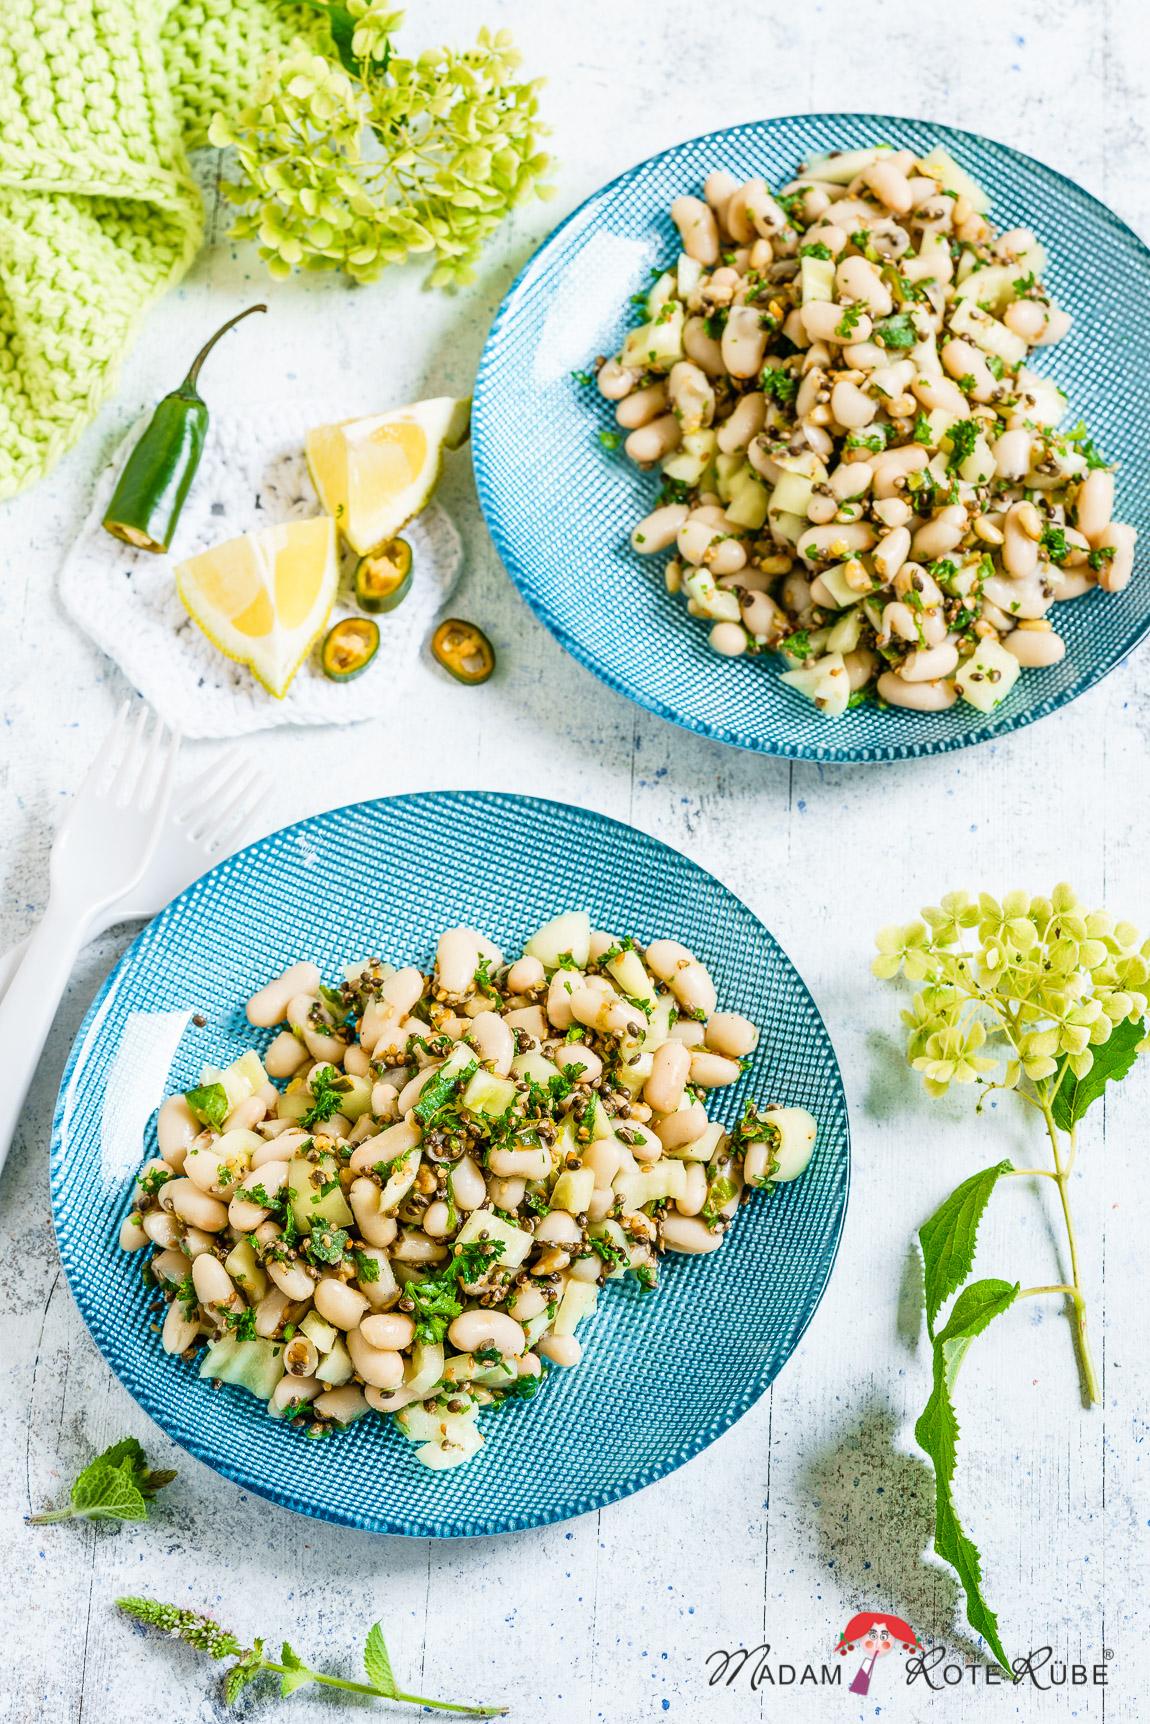 Madam Rote Rübe - Salat aus weißen Bohnen, Spitzpaprika, Kräutern und Pinienkernen